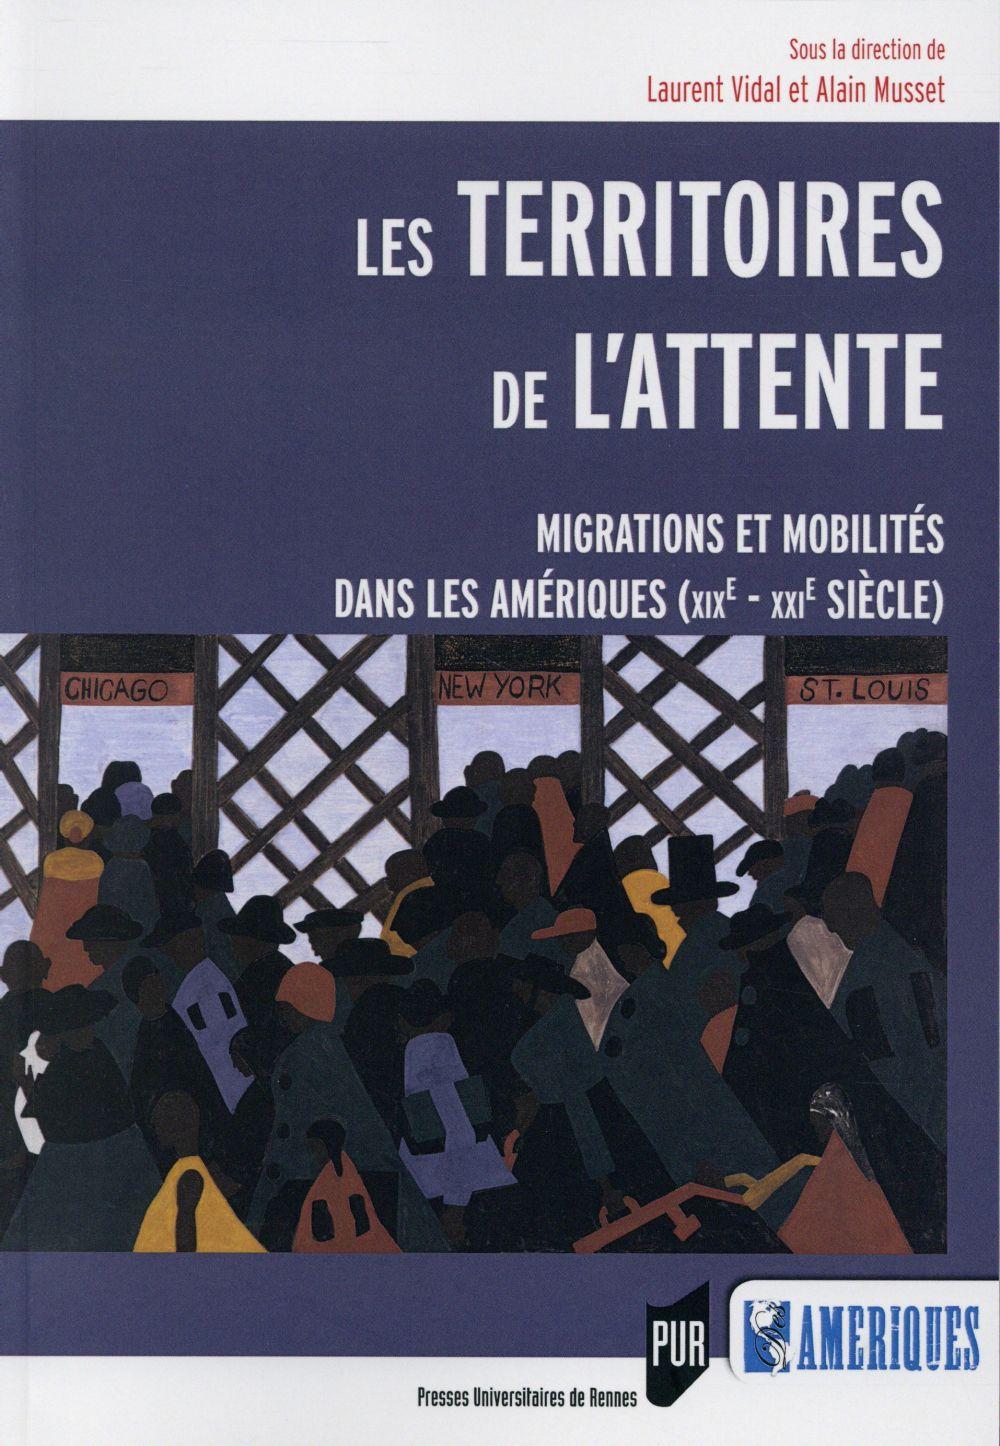 Les territoires de l'attente ; migrations et mobilités dans les Amériques (XIXe-XXIe siècle)